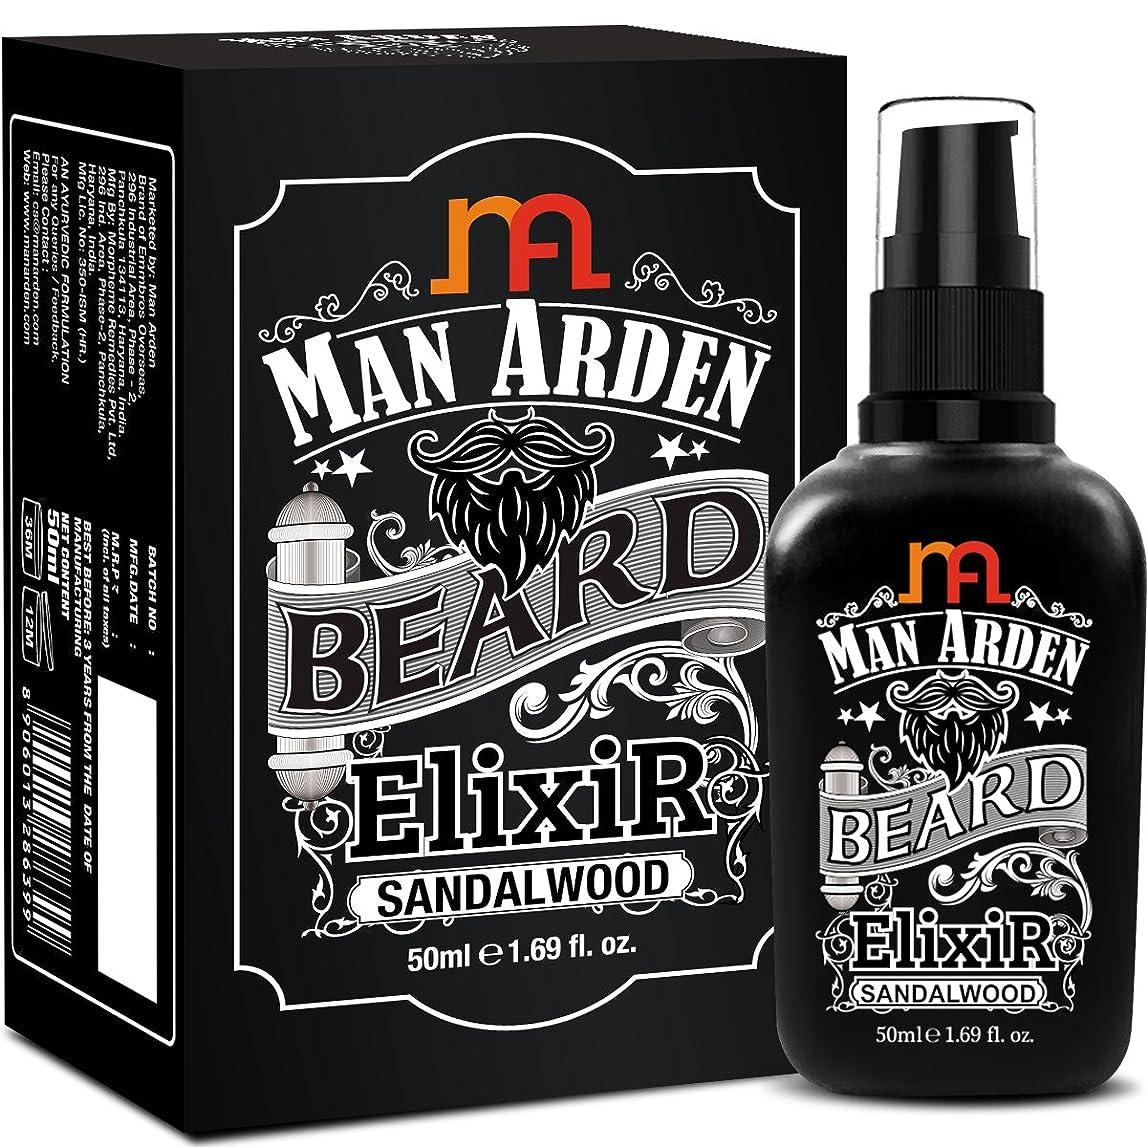 達成する助手リルMan Arden Beard Elixir Oil 50ml (Sandalwood) - 7 Oils Blend For Beard Repair, Growth & Nourishment8906013286399